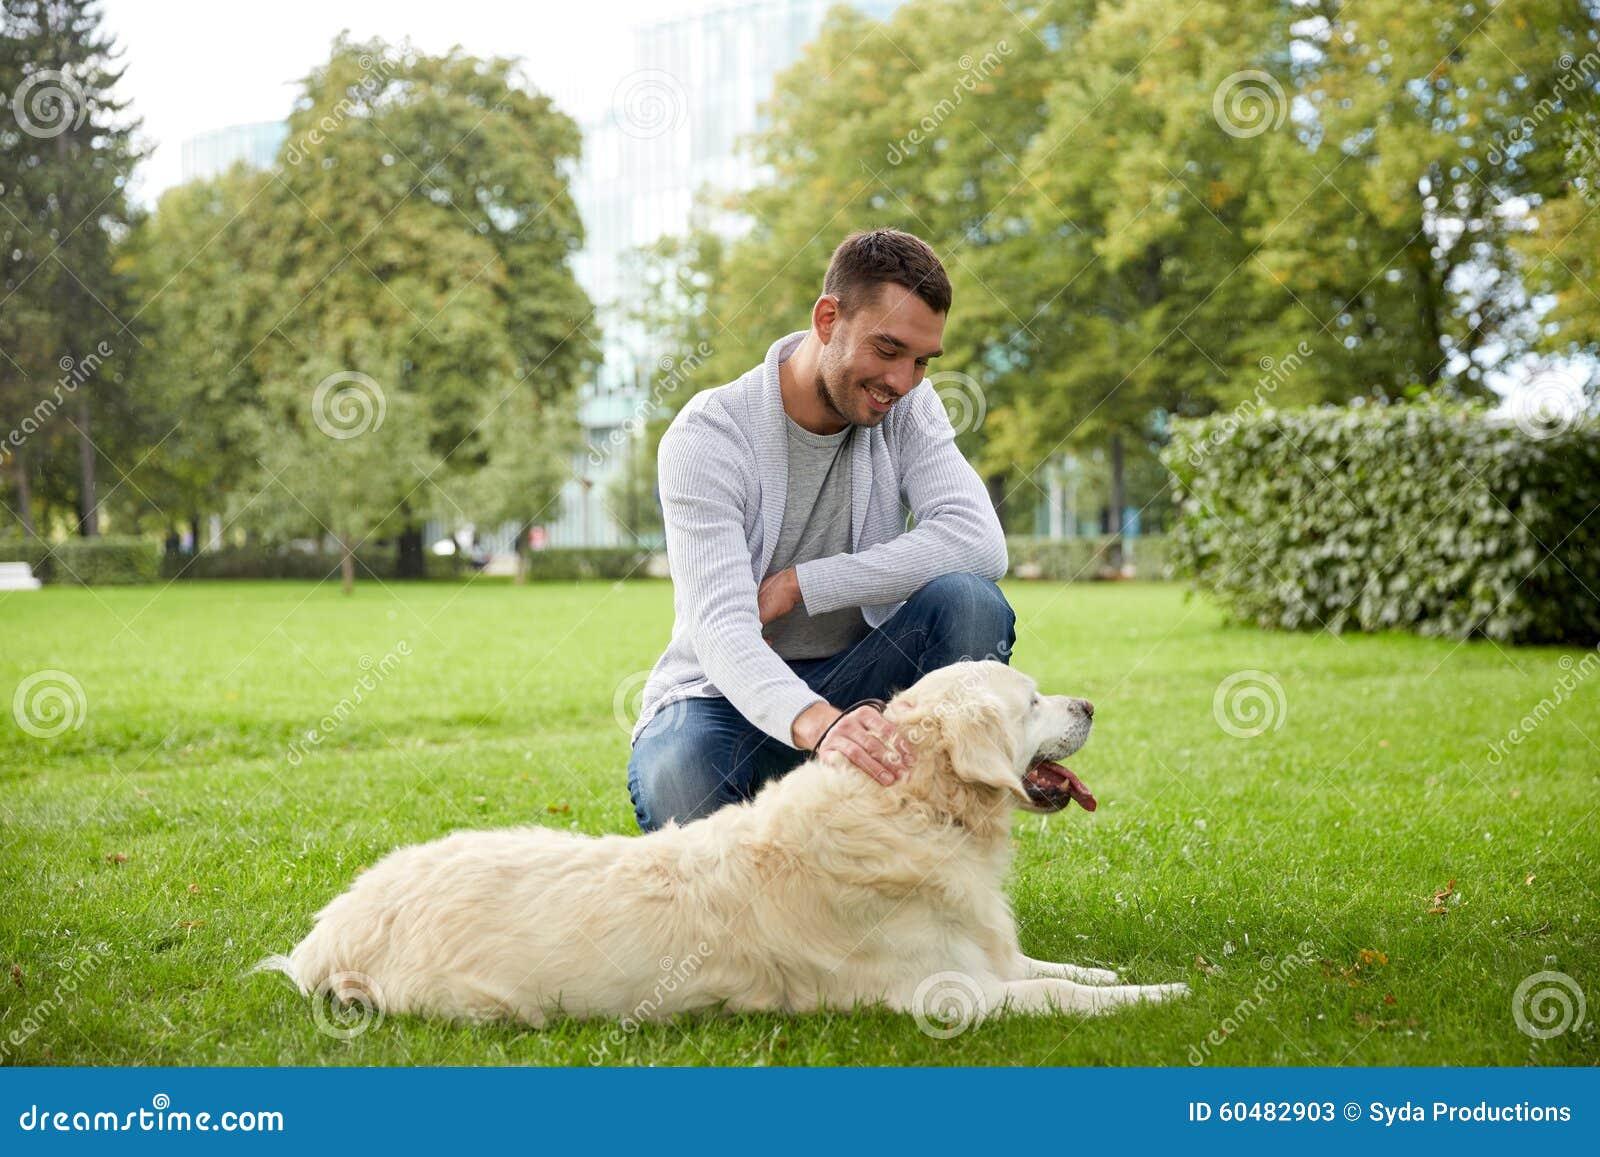 labrador city divorced singles Meet thousands of beautiful single girls online seeking guys for dating labrador city divorced fort st john.